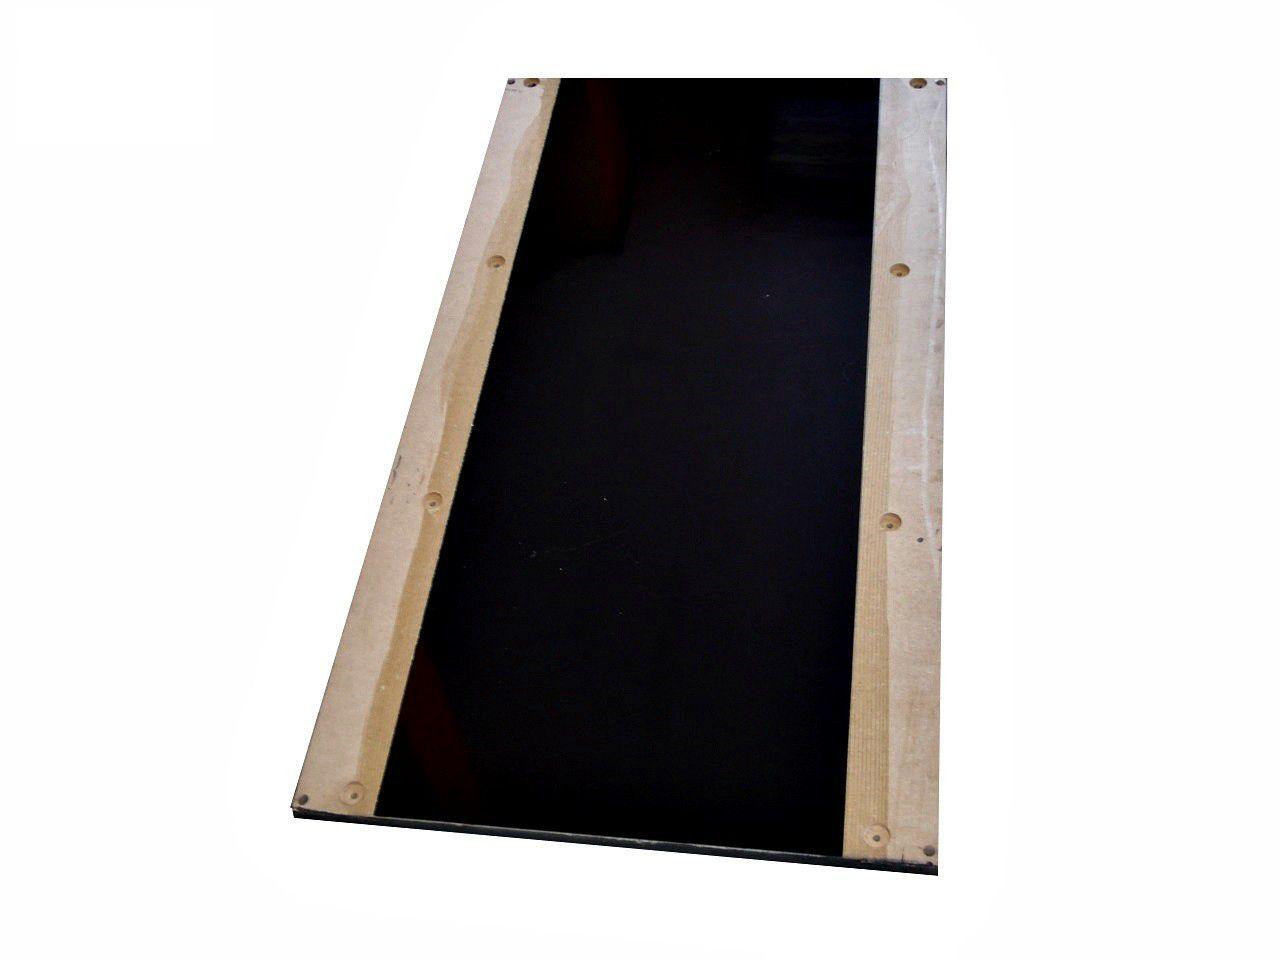 Kit Prancha Deck e Lona Esteira Movement LX 160 G3